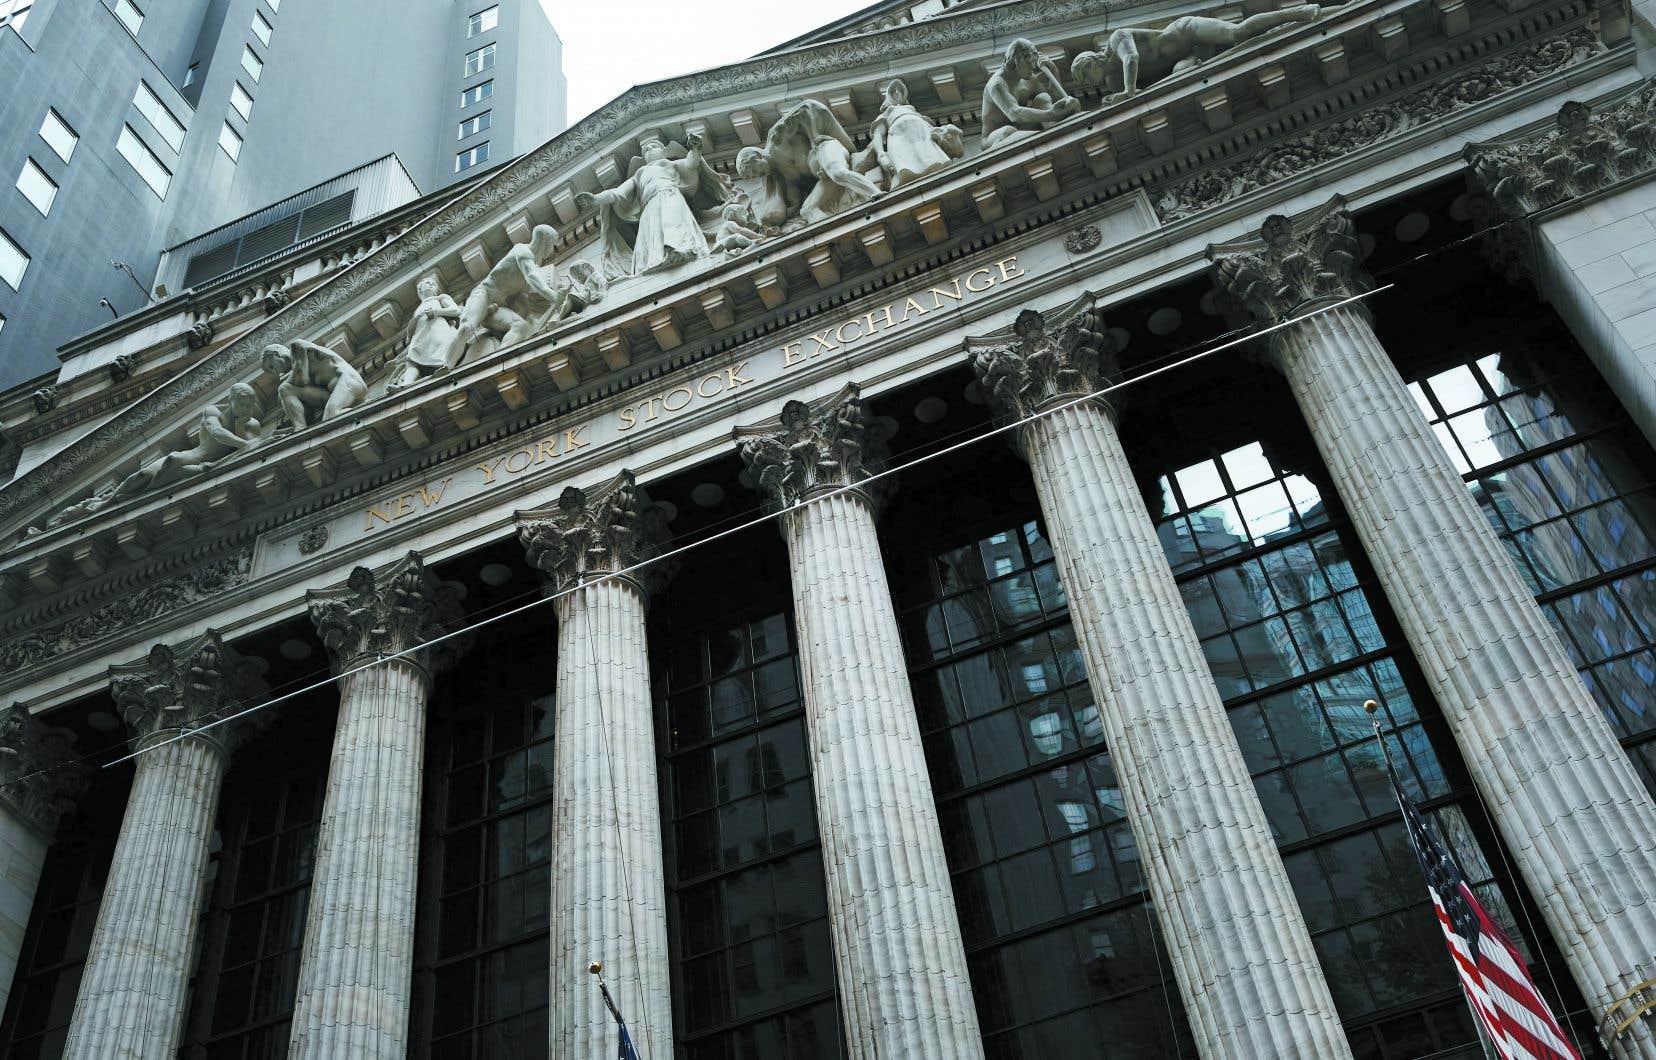 Selon Georges Ugeux, l'actuelle embellie boursière, qui profite à certains plus qu'à d'autres, exacerbe le problème majeur des inégalités sociales, que nous refusons de voir.